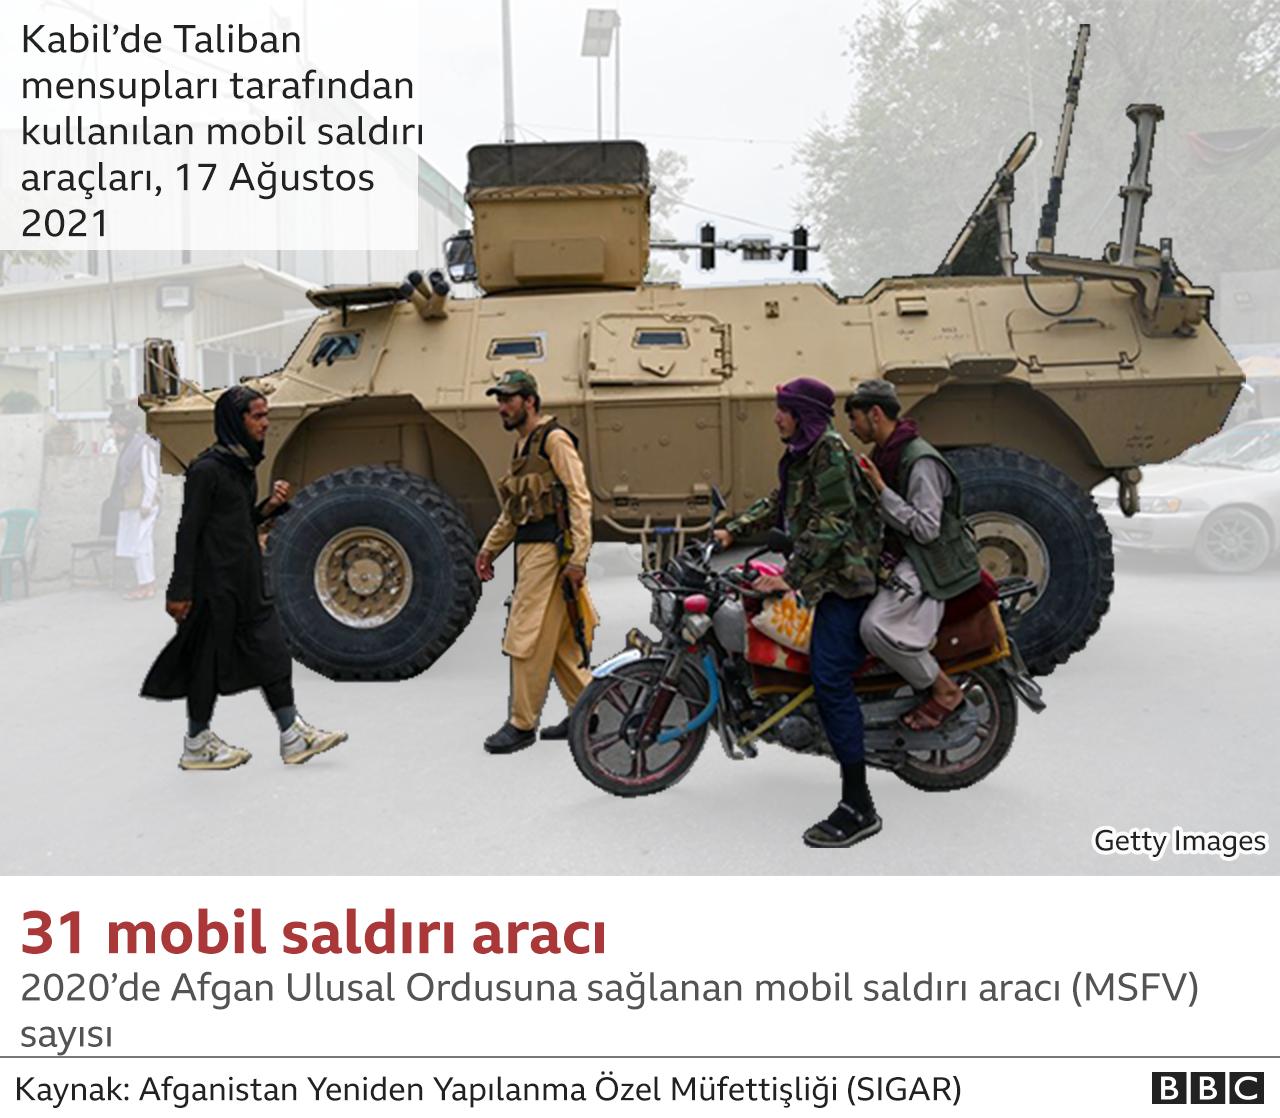 mobil saldırı amaçları